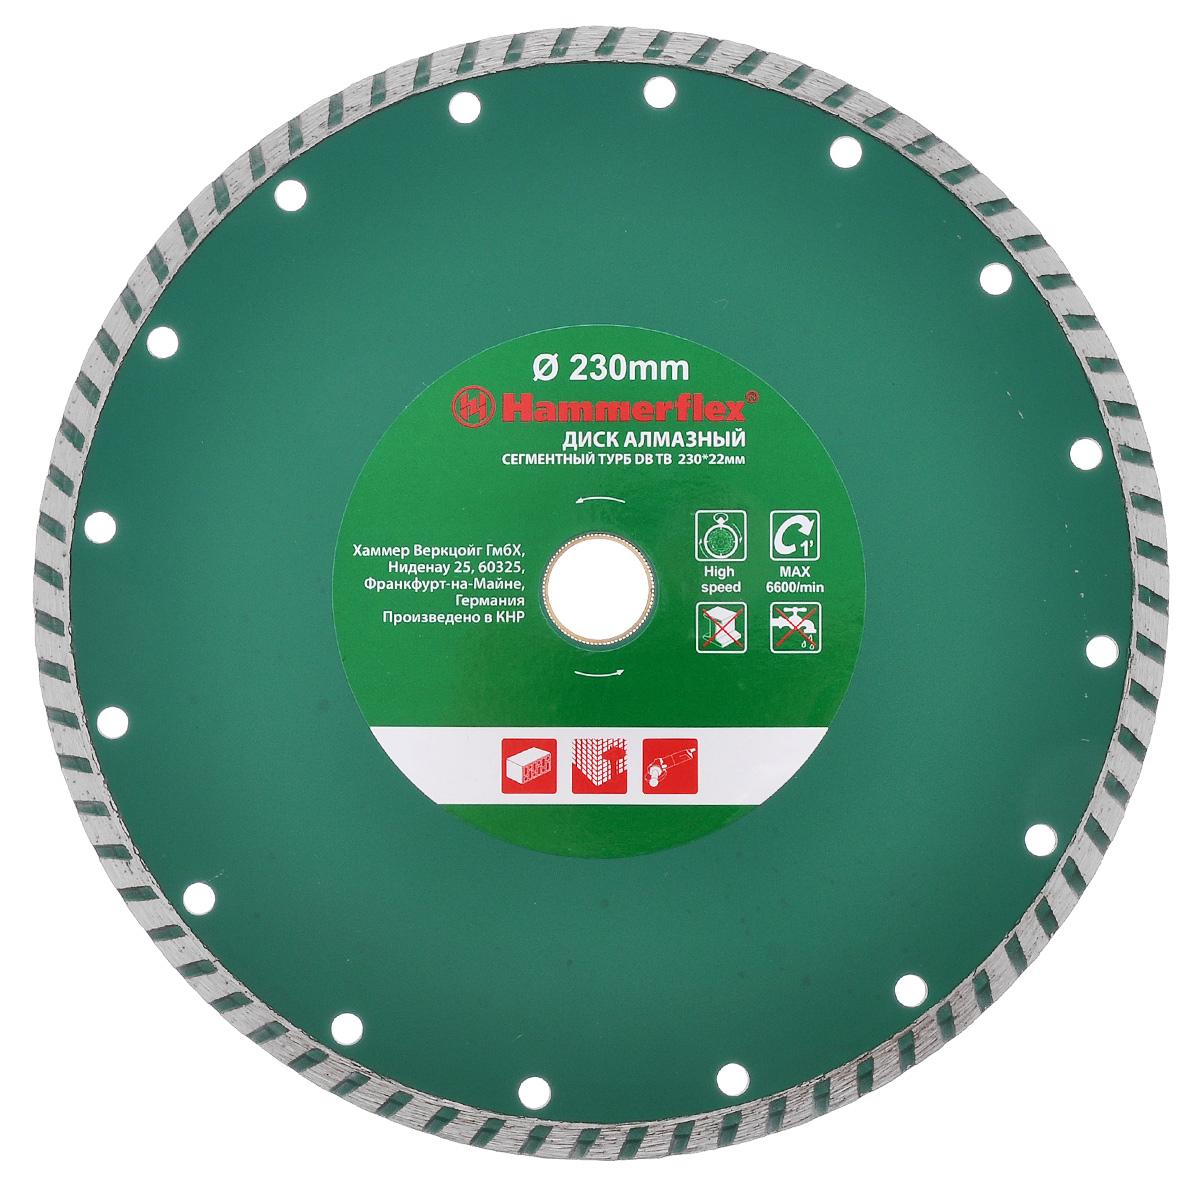 Диск алмазный Hammerflex Турбо, сегментный, 230 мм х 22 мм30699Диск алмазный Hammerflex Турбо изготовлен из высококачественной листовой стали, исключающей волнистость или кривизну дисков. Обеспечивает ровный рез, отсутствие биения и сколов. Высокая концентрация поликристаллических алмазов (более 40% к объему связки) обеспечивает своевременное вскрытие и поддержание режущей способности диска на неизменном высоком уровне. Износостойкая связка, используемая в алмазных дисках, оптимально удерживает режущие кристаллы и эффективно отводит тепло. Максимальные обороты: 6600 оборотов/мин.